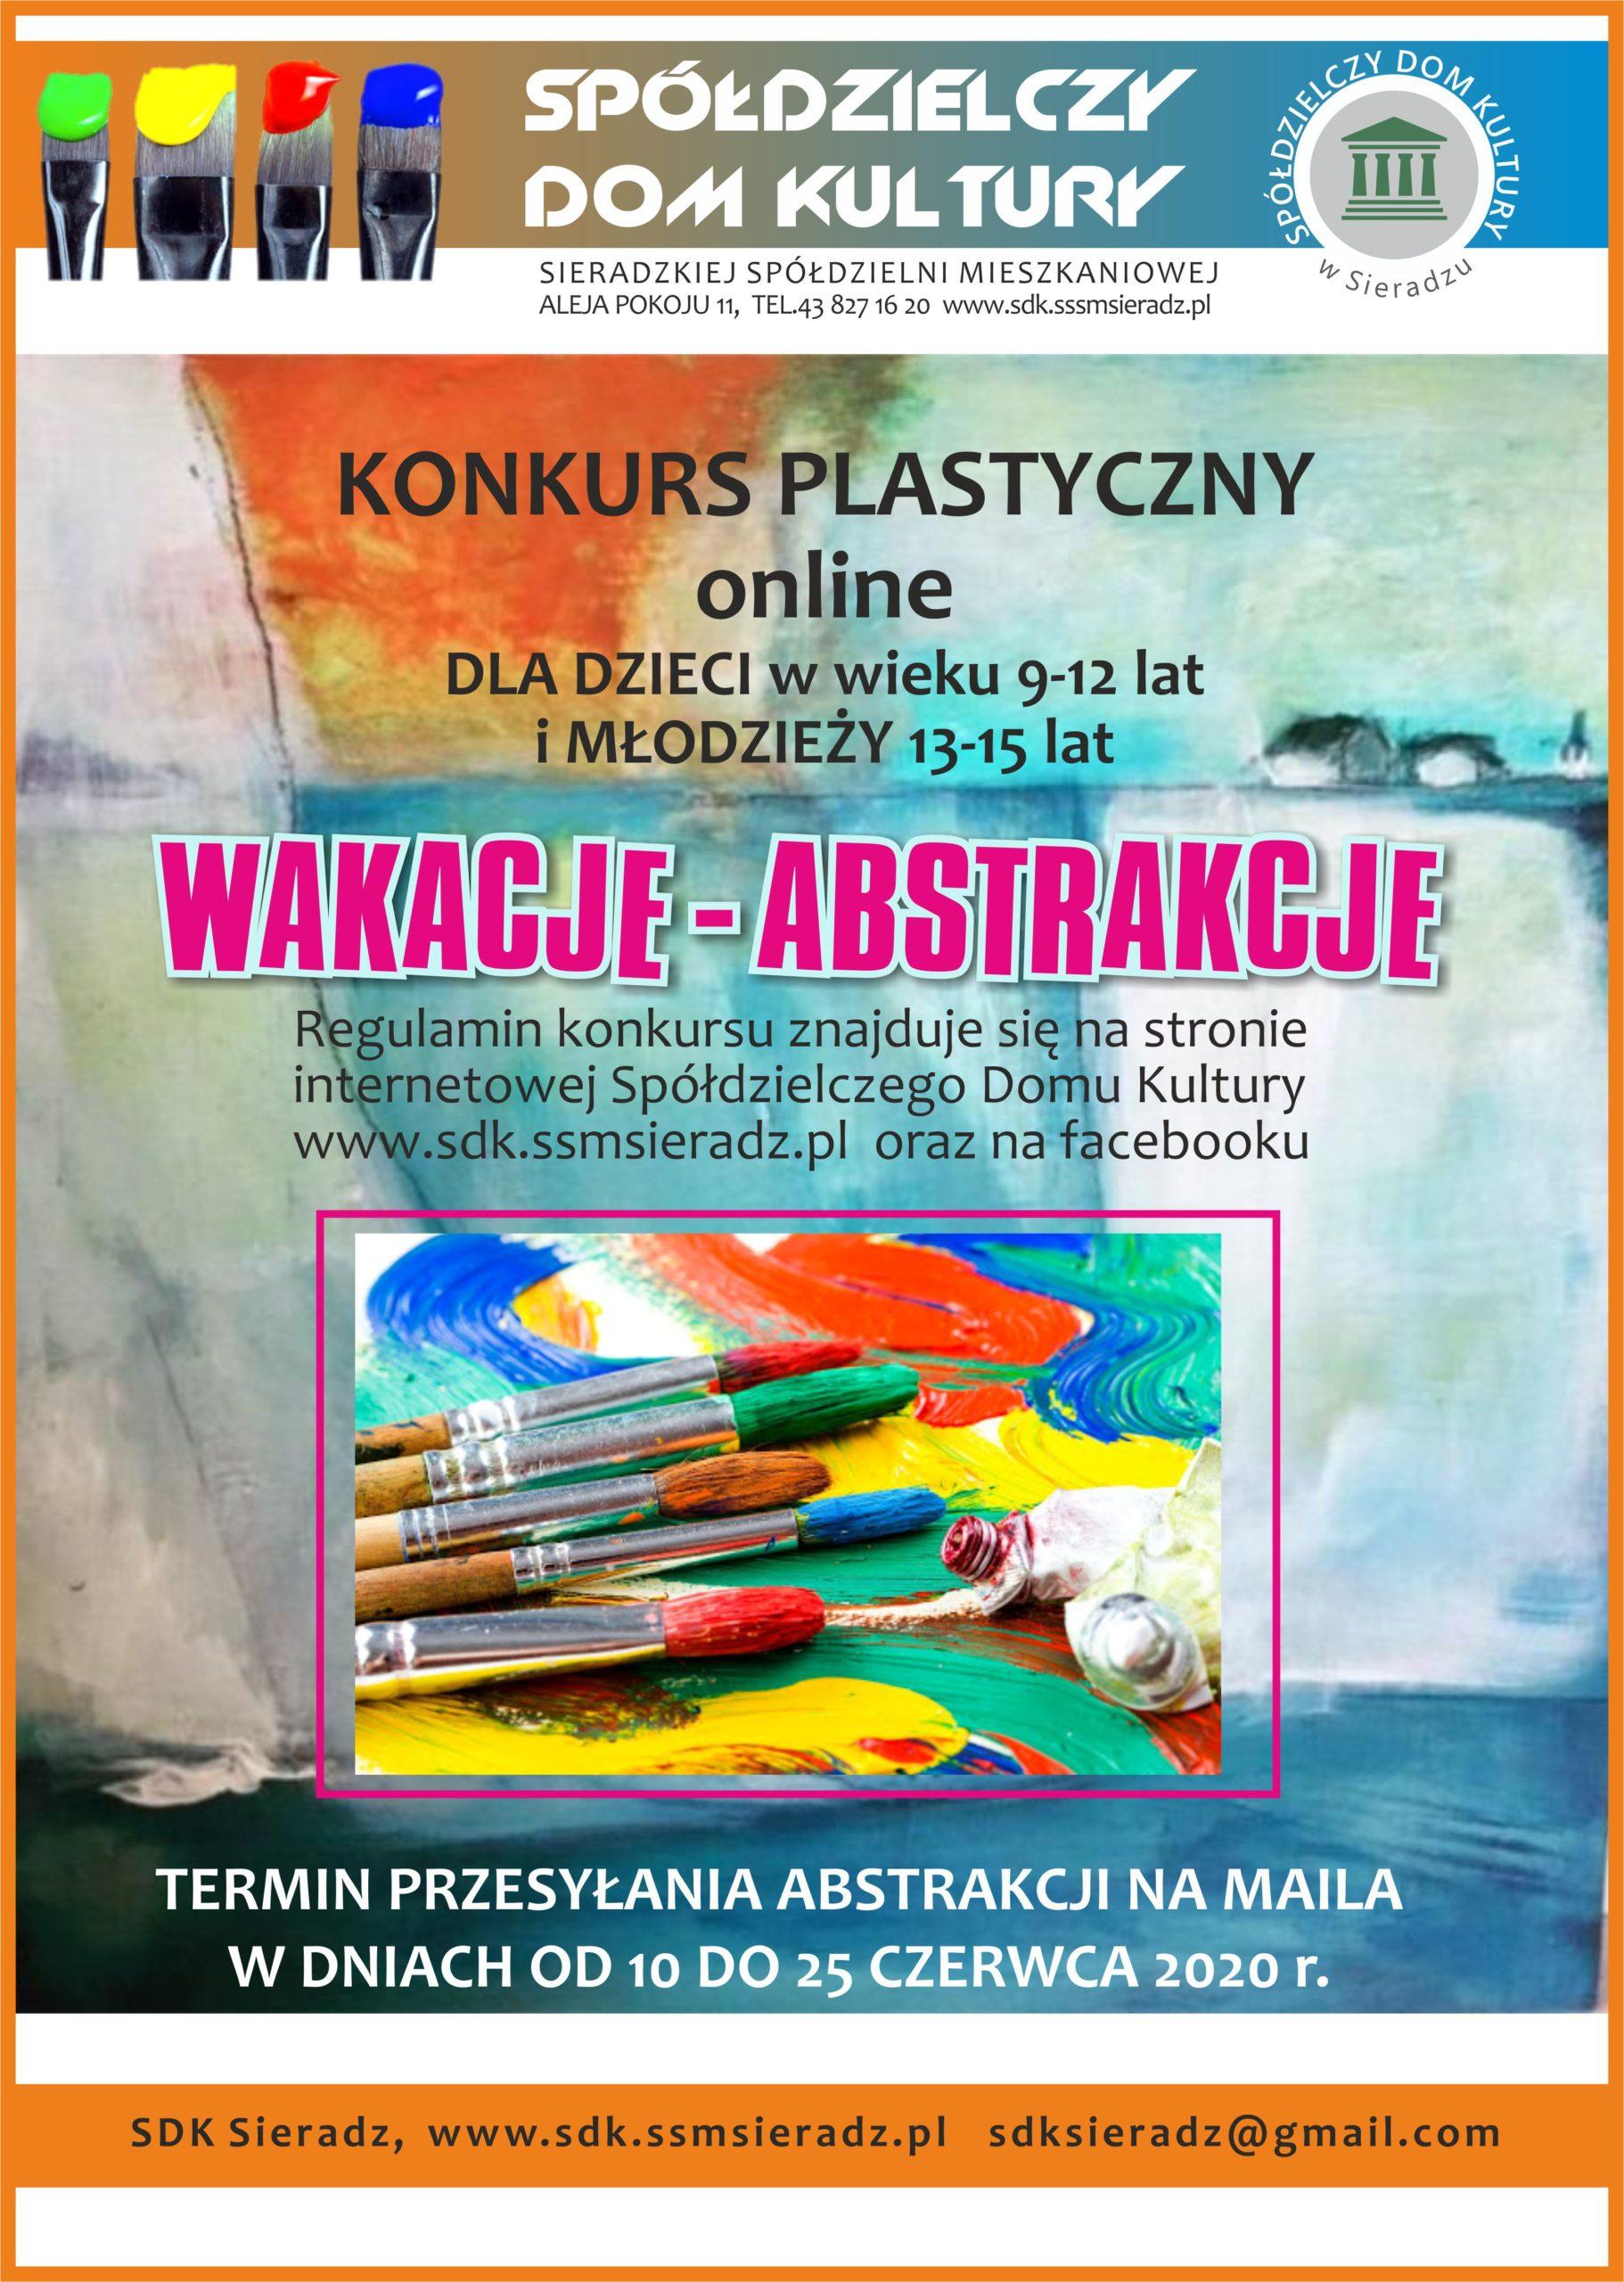 Konkurs plastyczny wakacje-abstrakcje